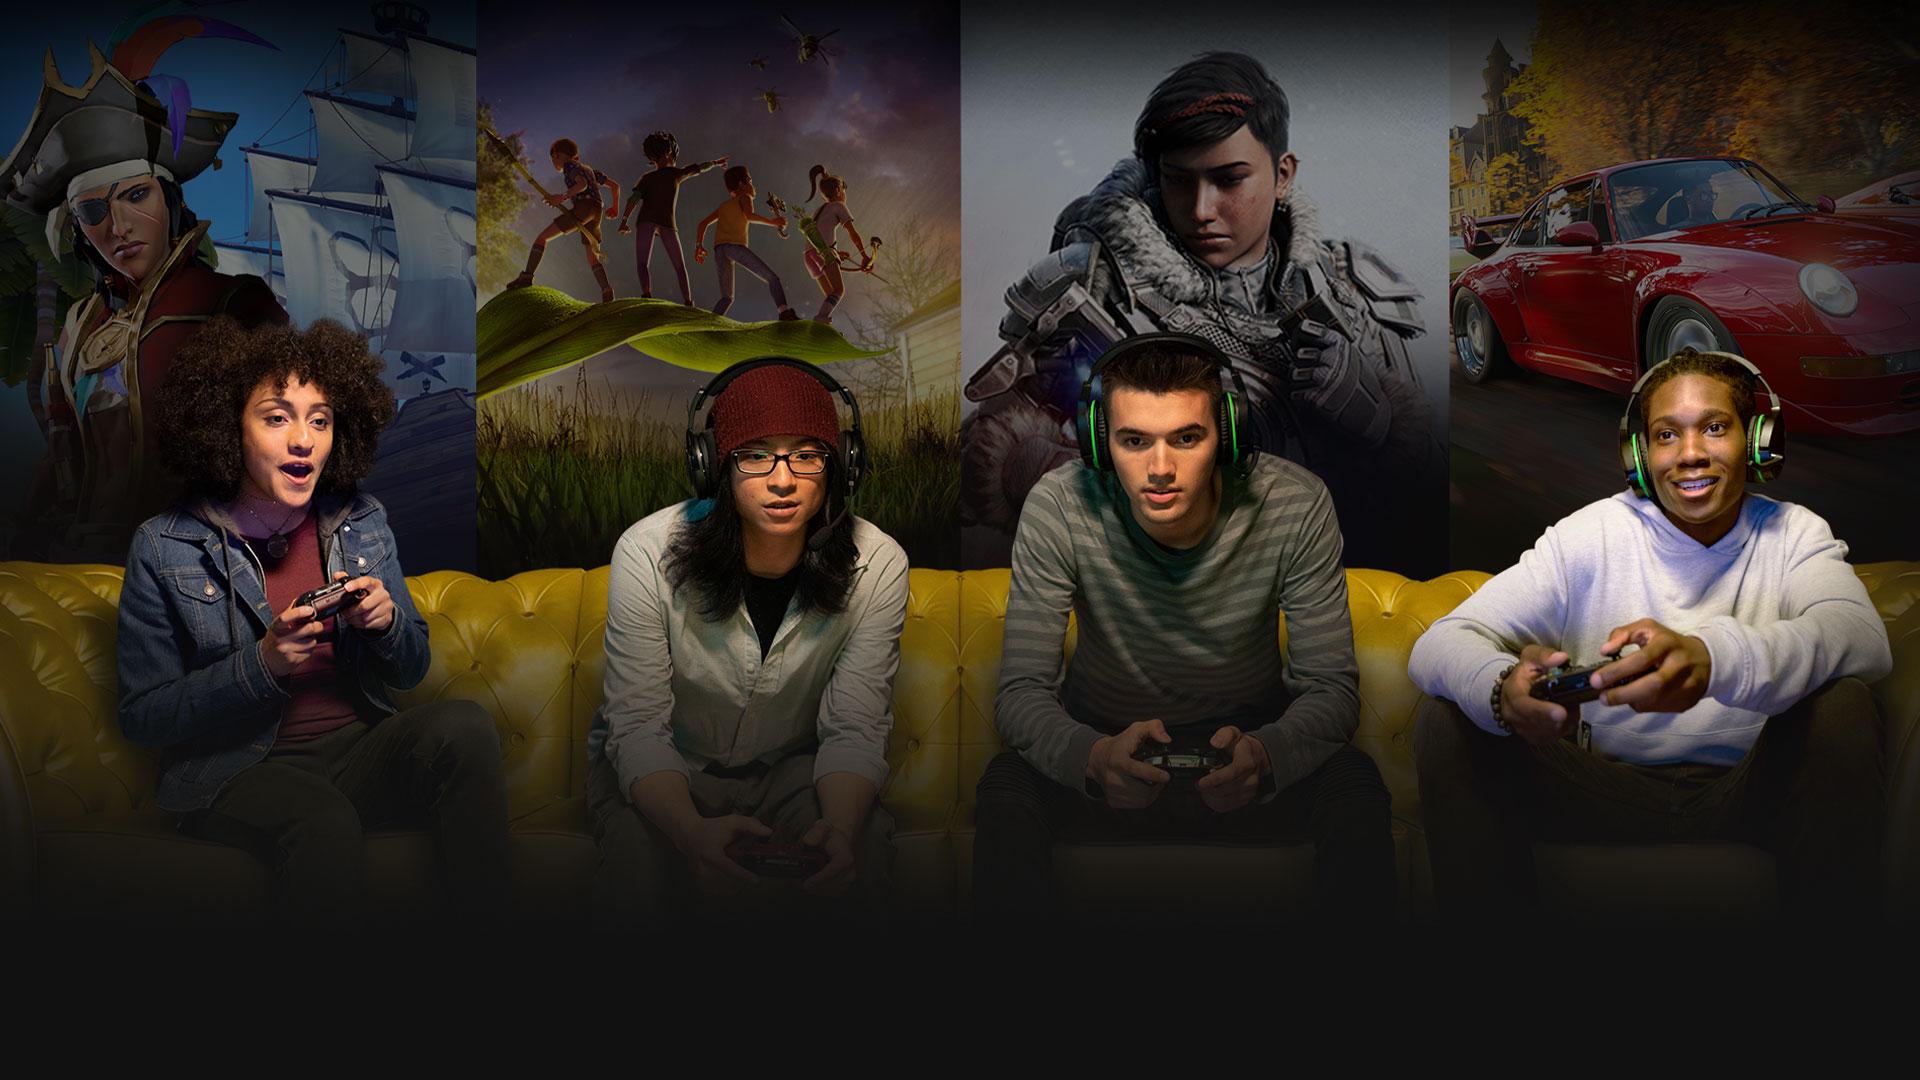 Fire gamere sidder på en guldsofa med en kollage af scener fra Xbox-spil bag sig, inkl. Gears 5 og Grounded